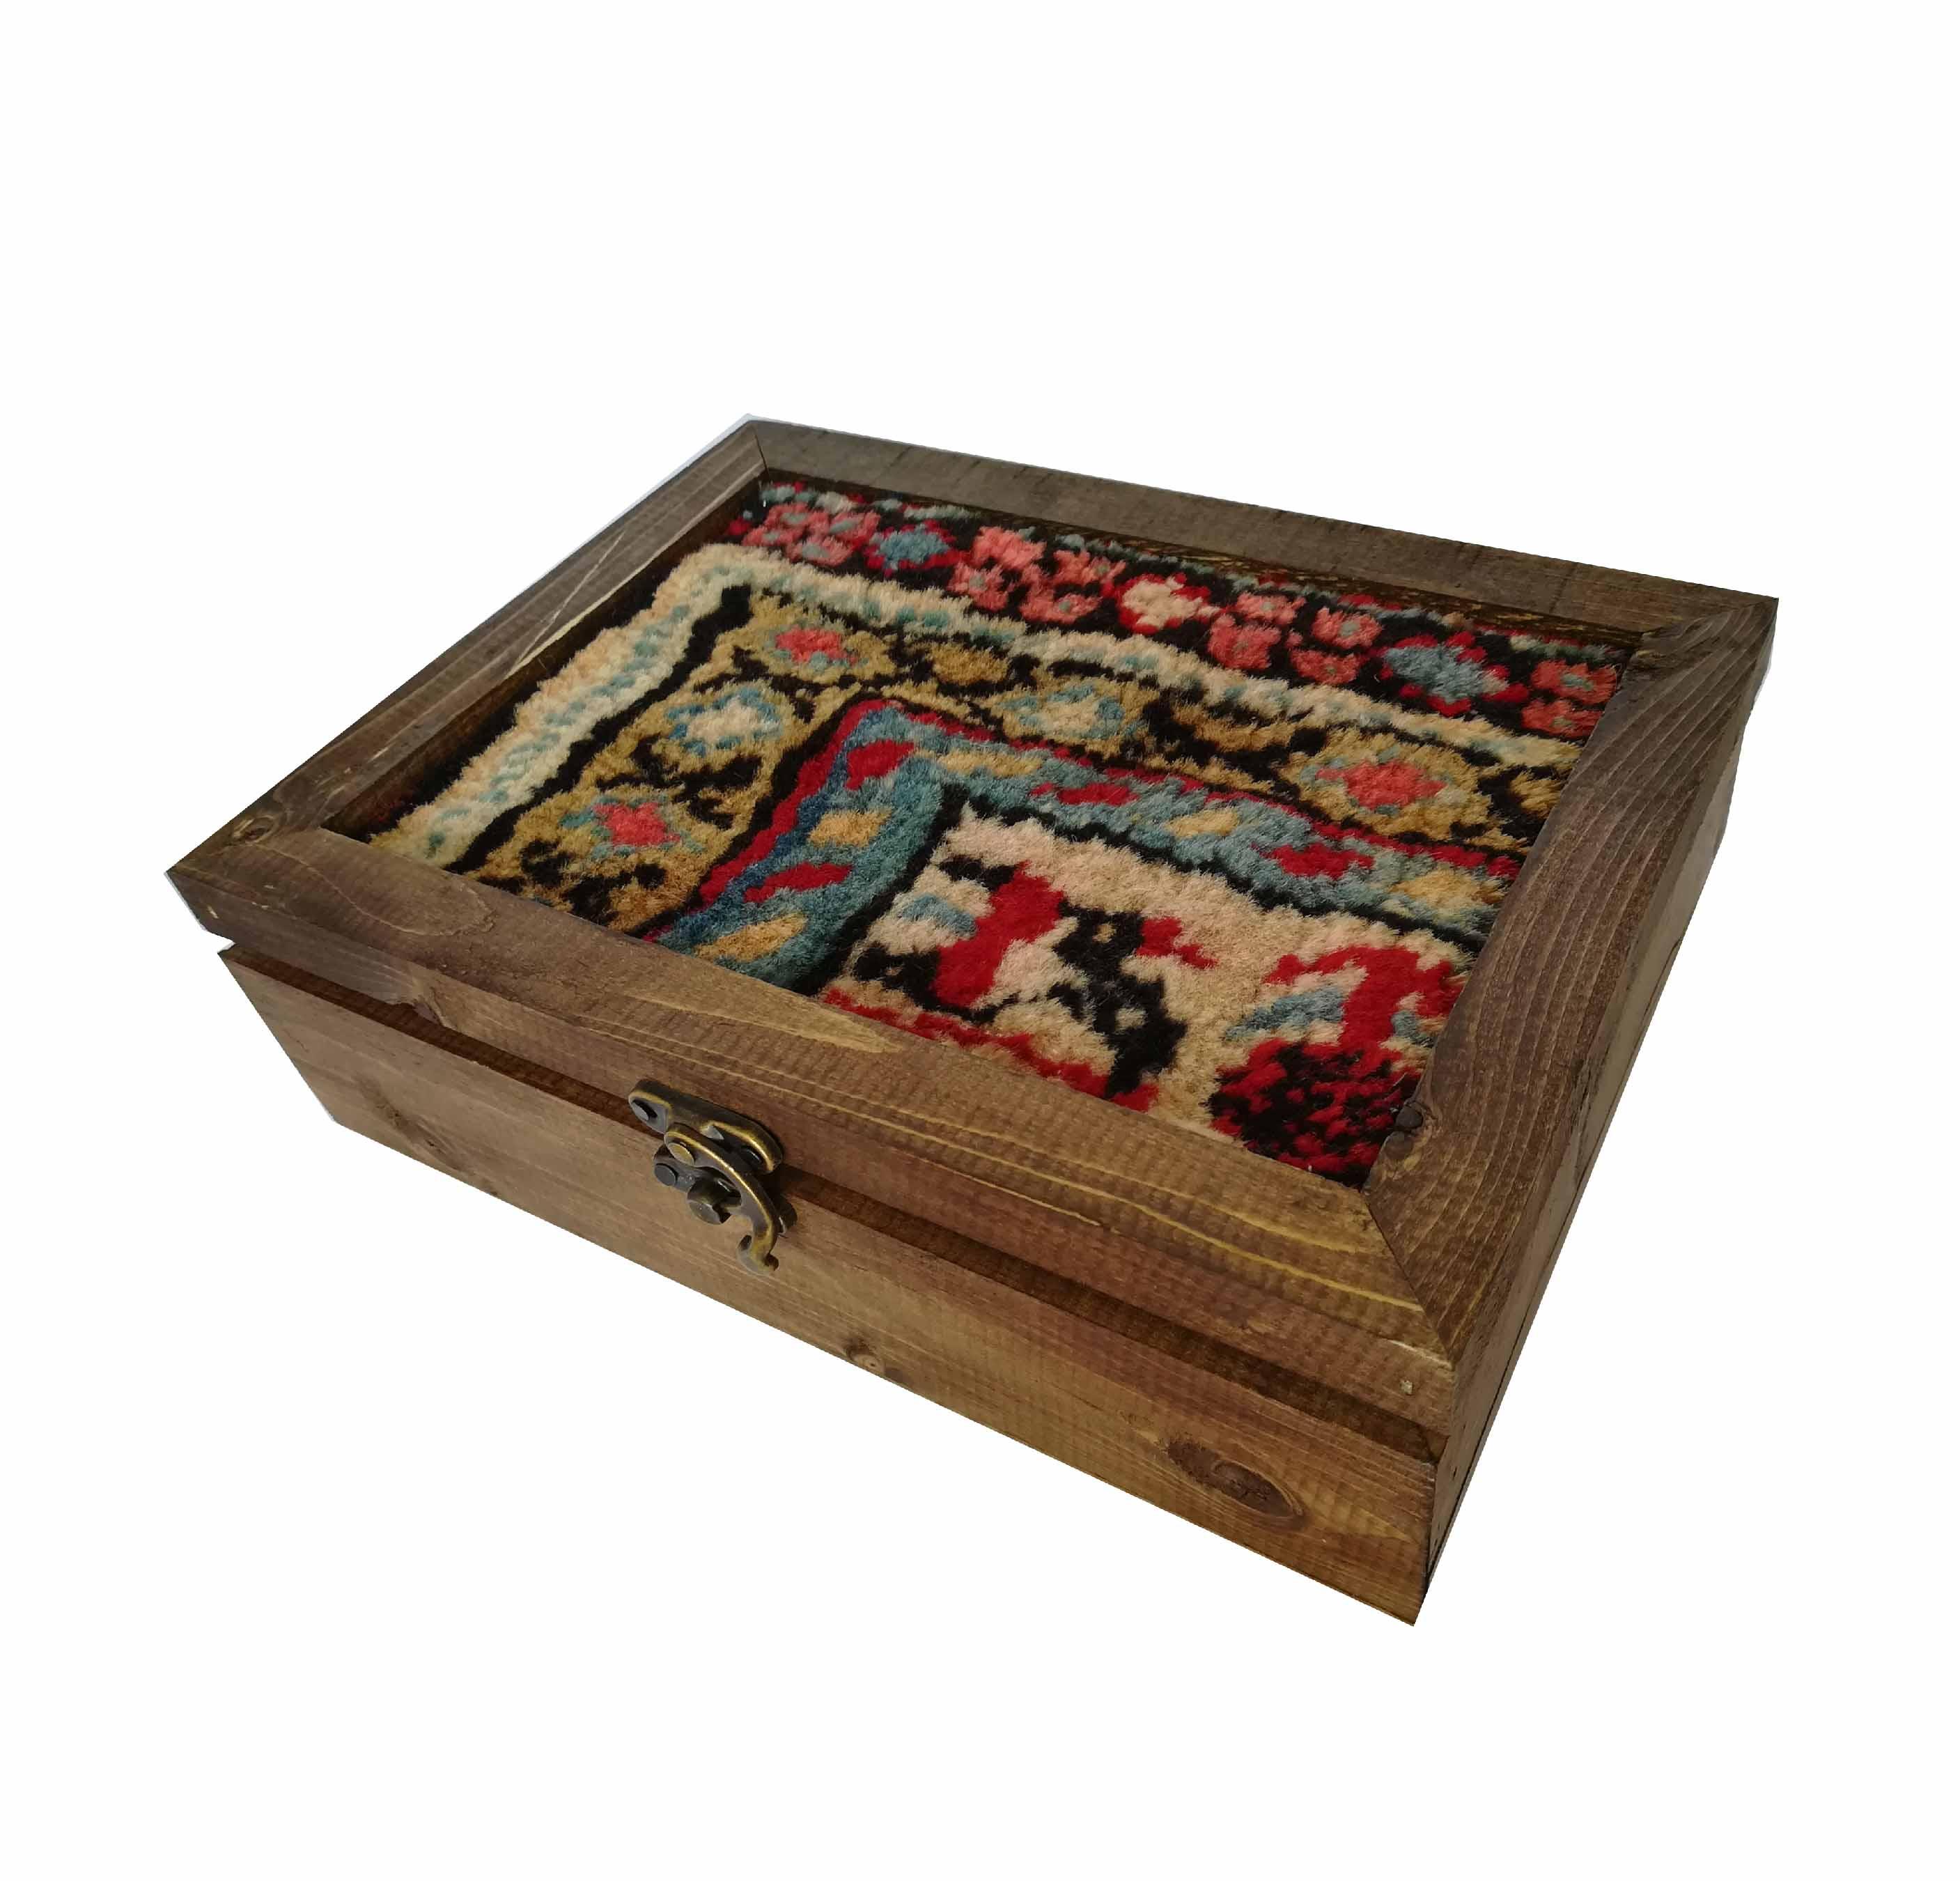 جعبه چوبی فرش مستطیل